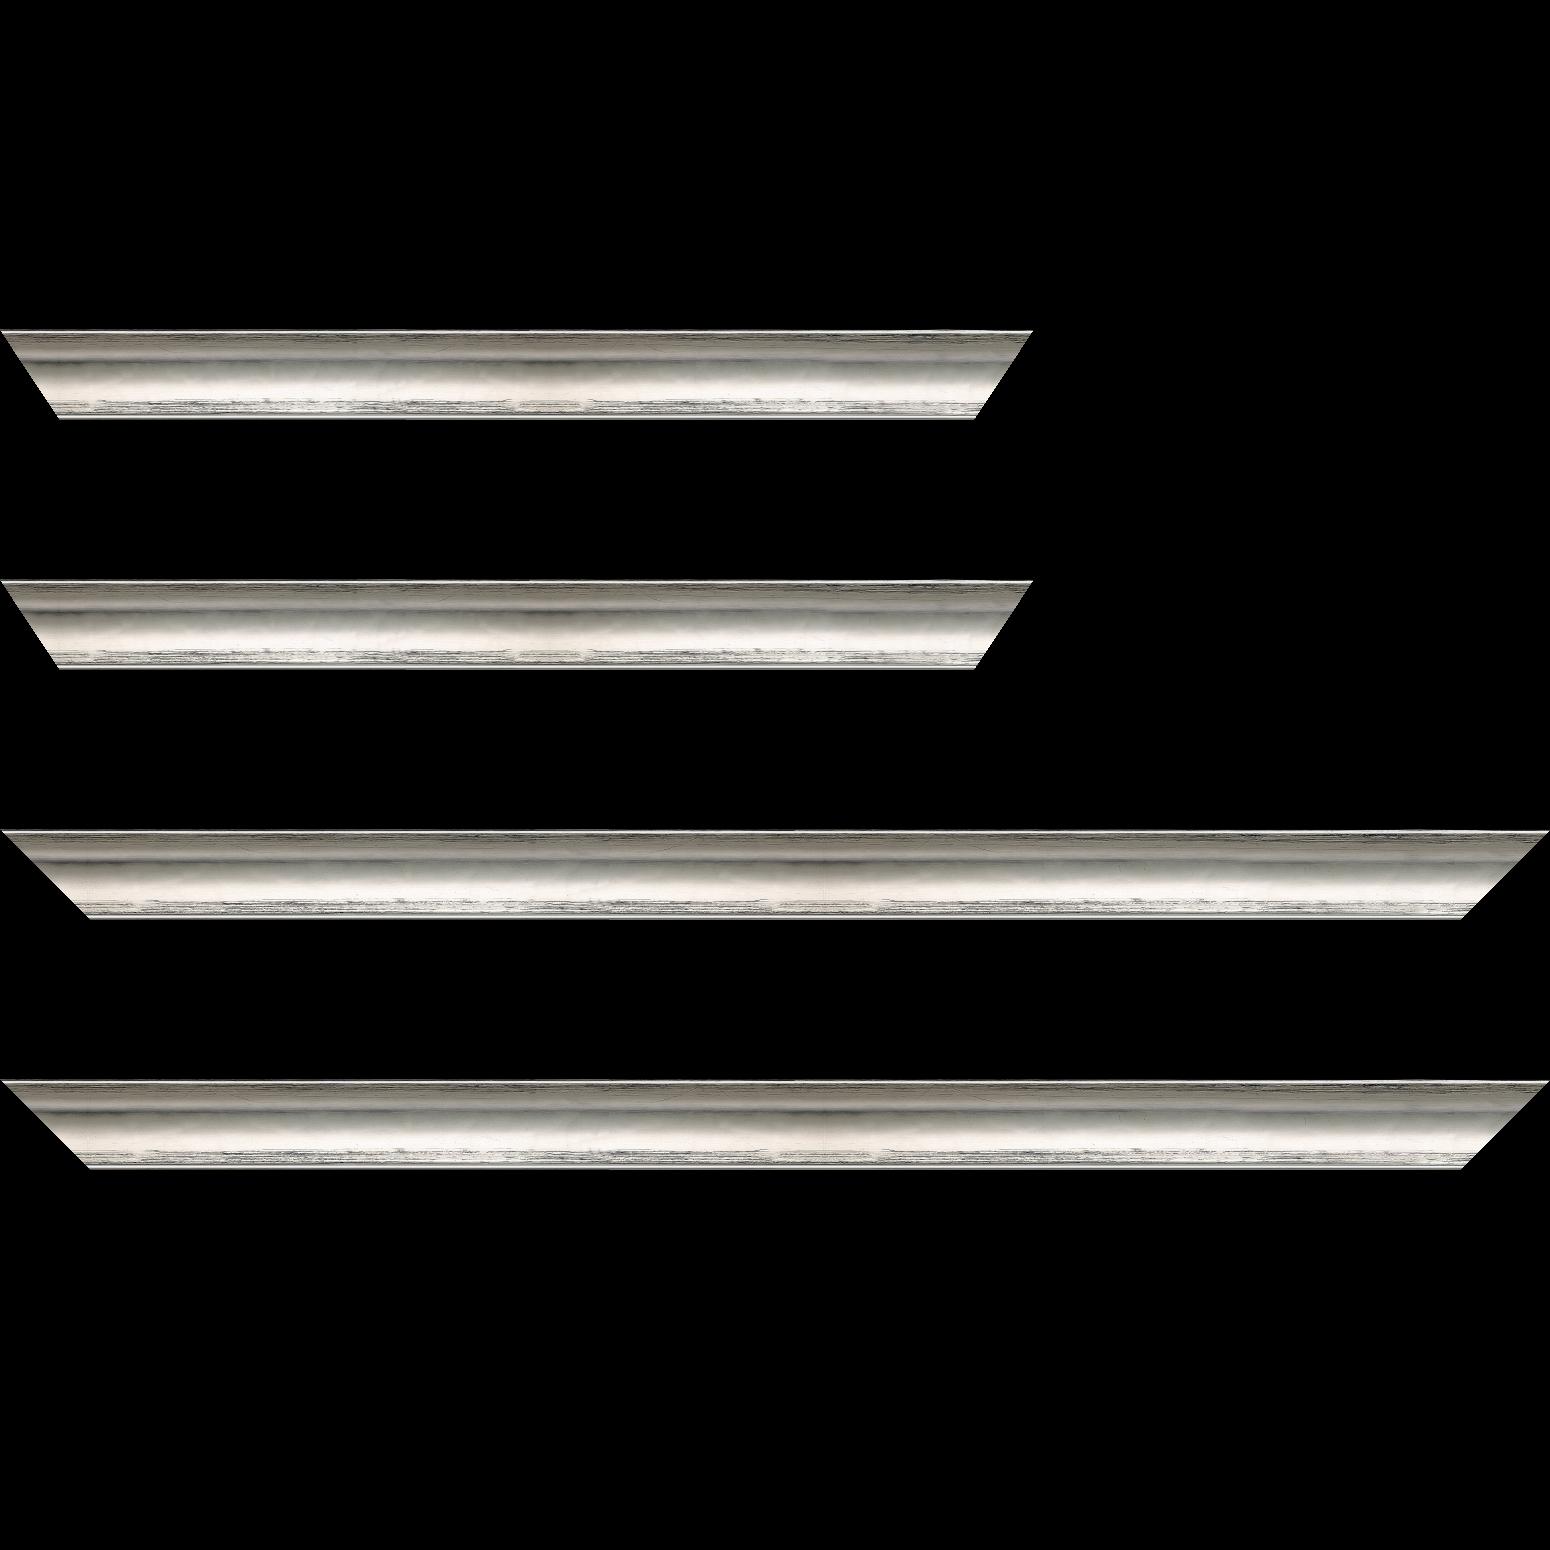 Baguette service précoupé Bois profil concave largeur 3cm couleur argent coté extérieur foncé. finition haut de gamme car dorure à l'eau fait main